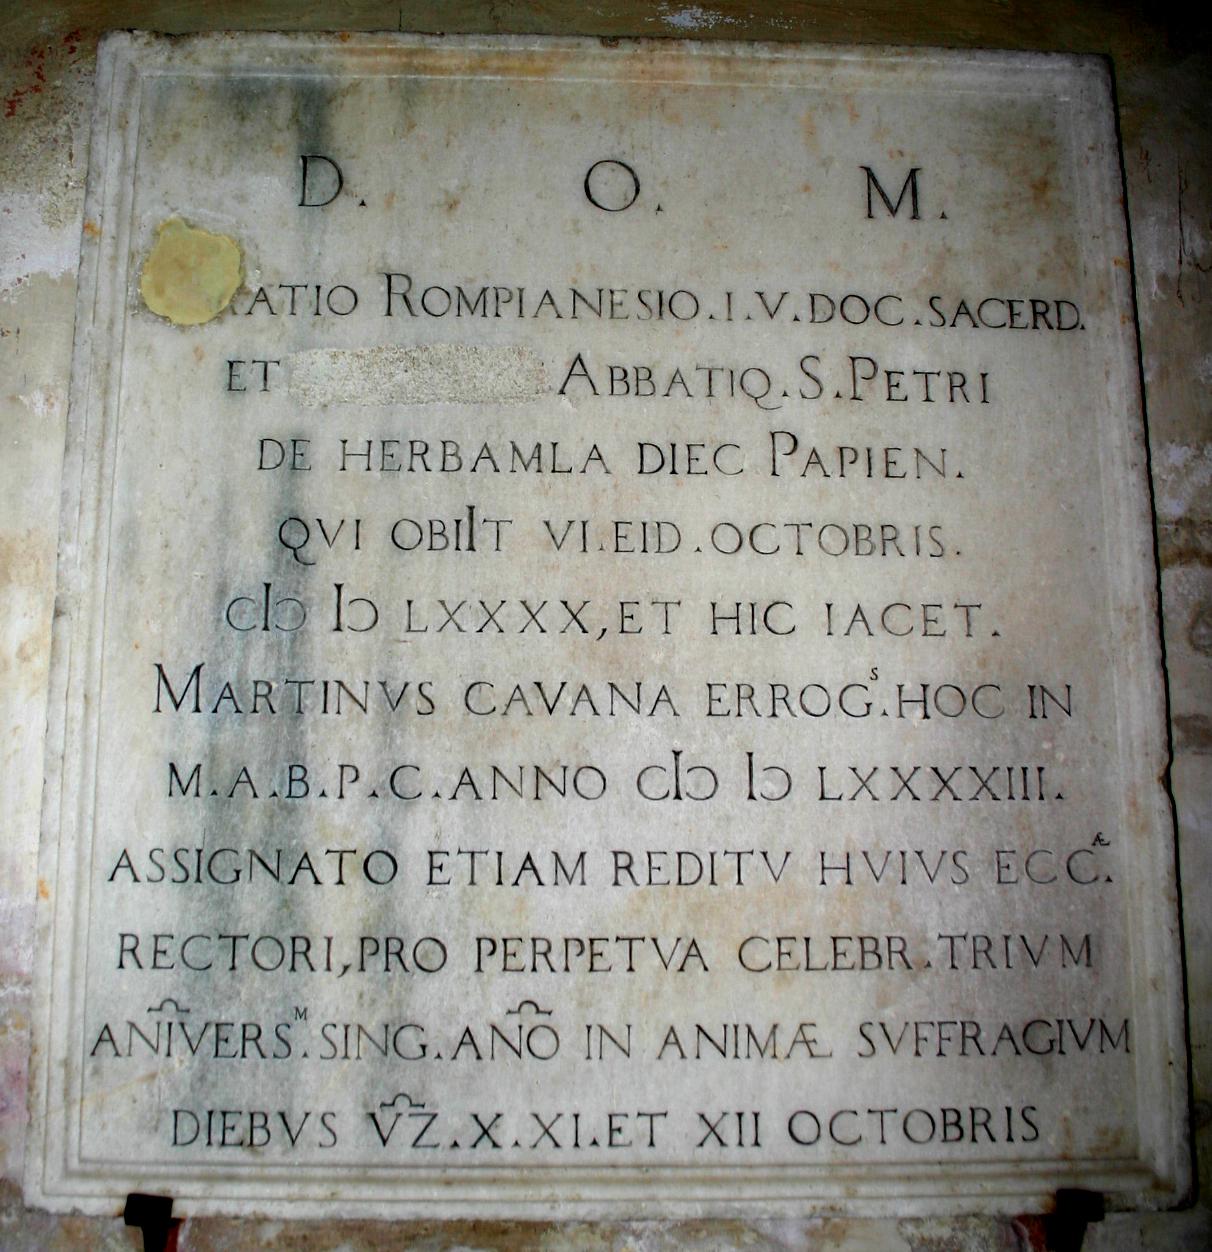 File:8470 - Milano - San Marco - Lapide Orazio Rompianesi - Foto ...